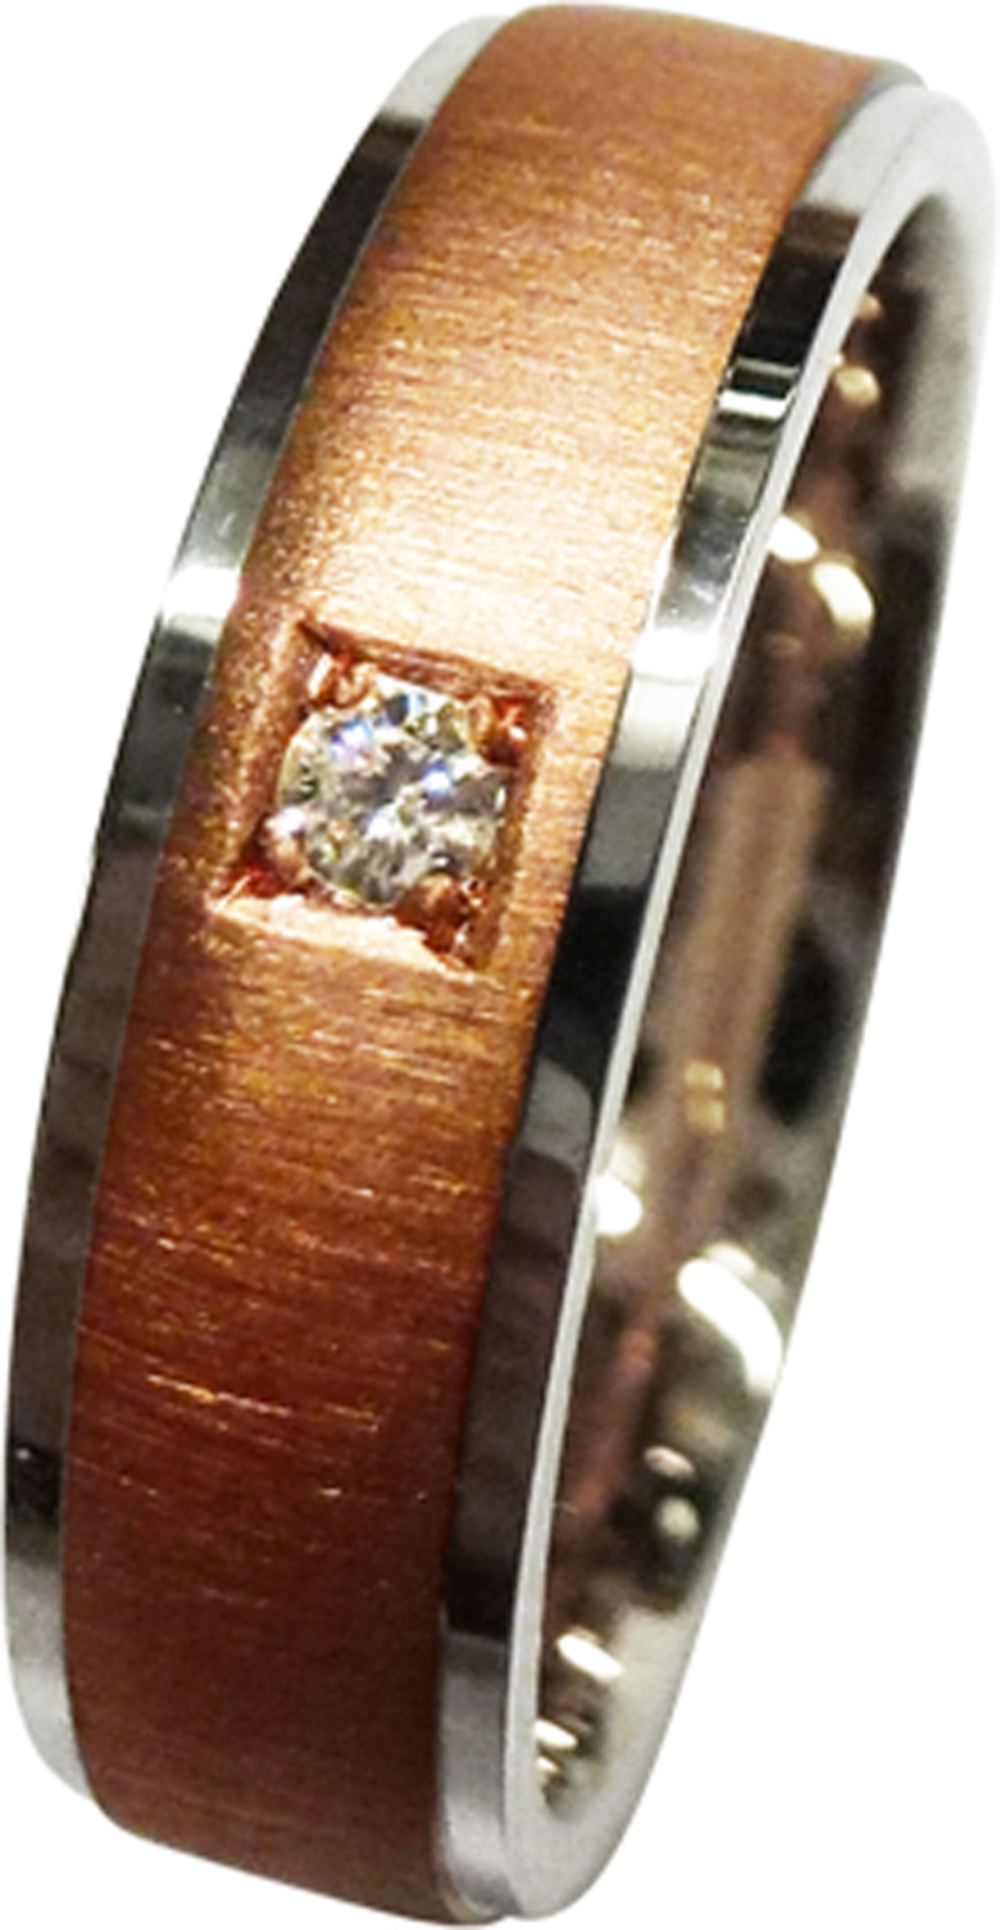 CH.ABRAMOWICZ Trauring/Ehering in Weissgold und Rotgold mit einem Brillant 100497500